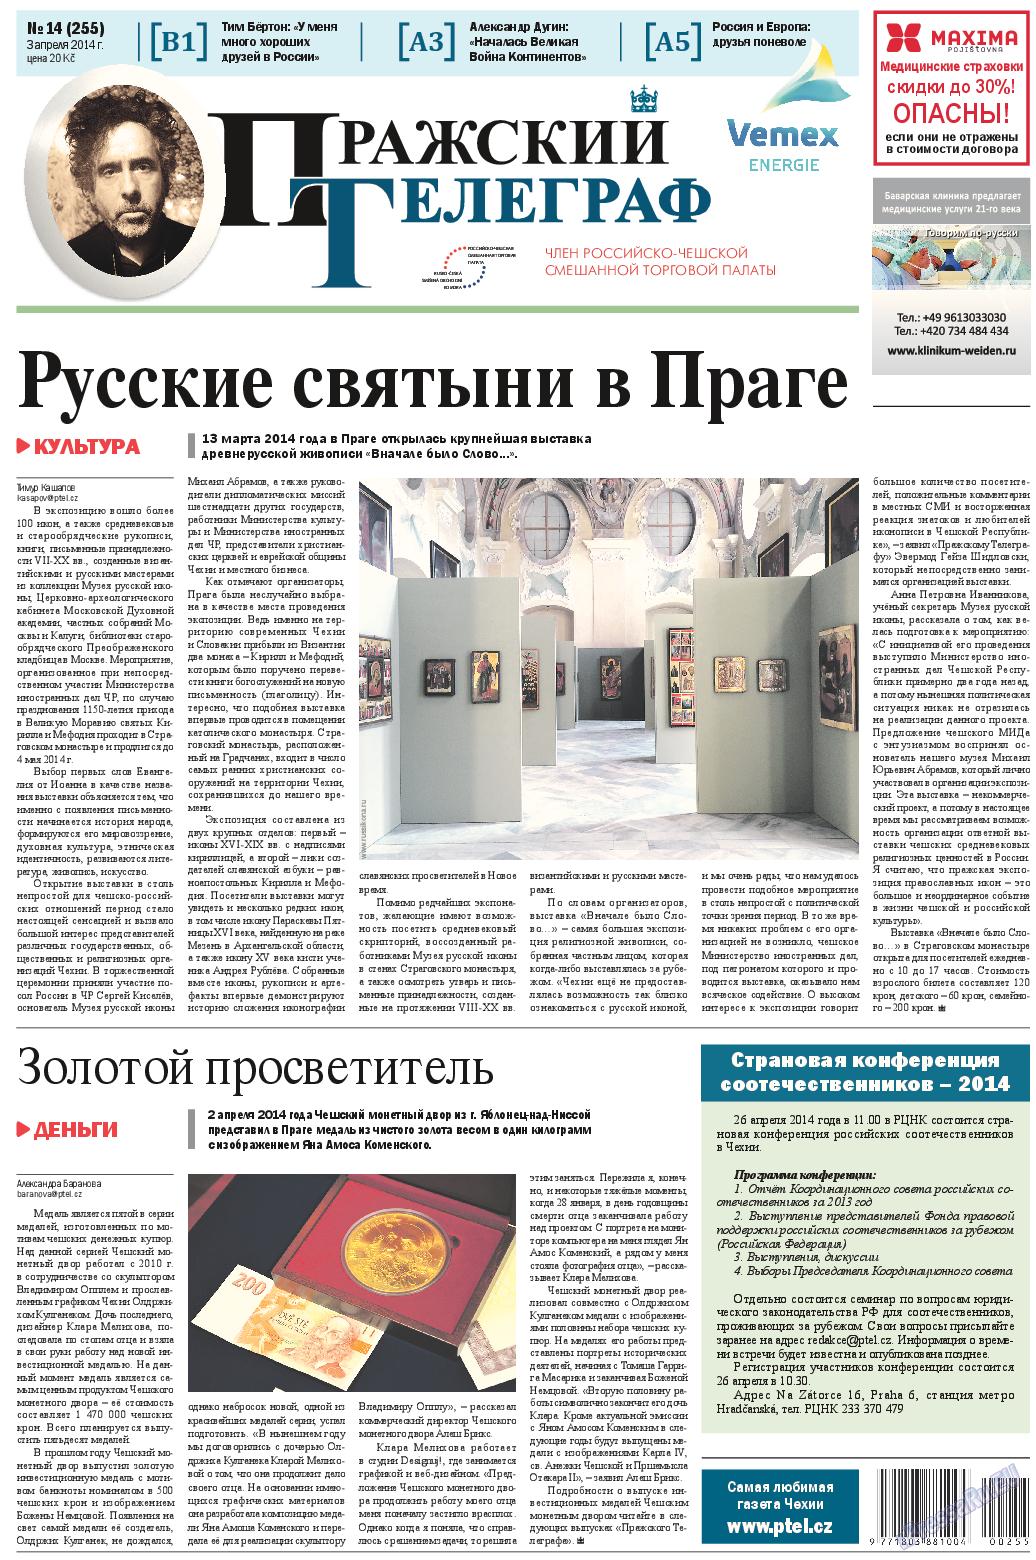 Пражский телеграф (газета). 2014 год, номер 14, стр. 1